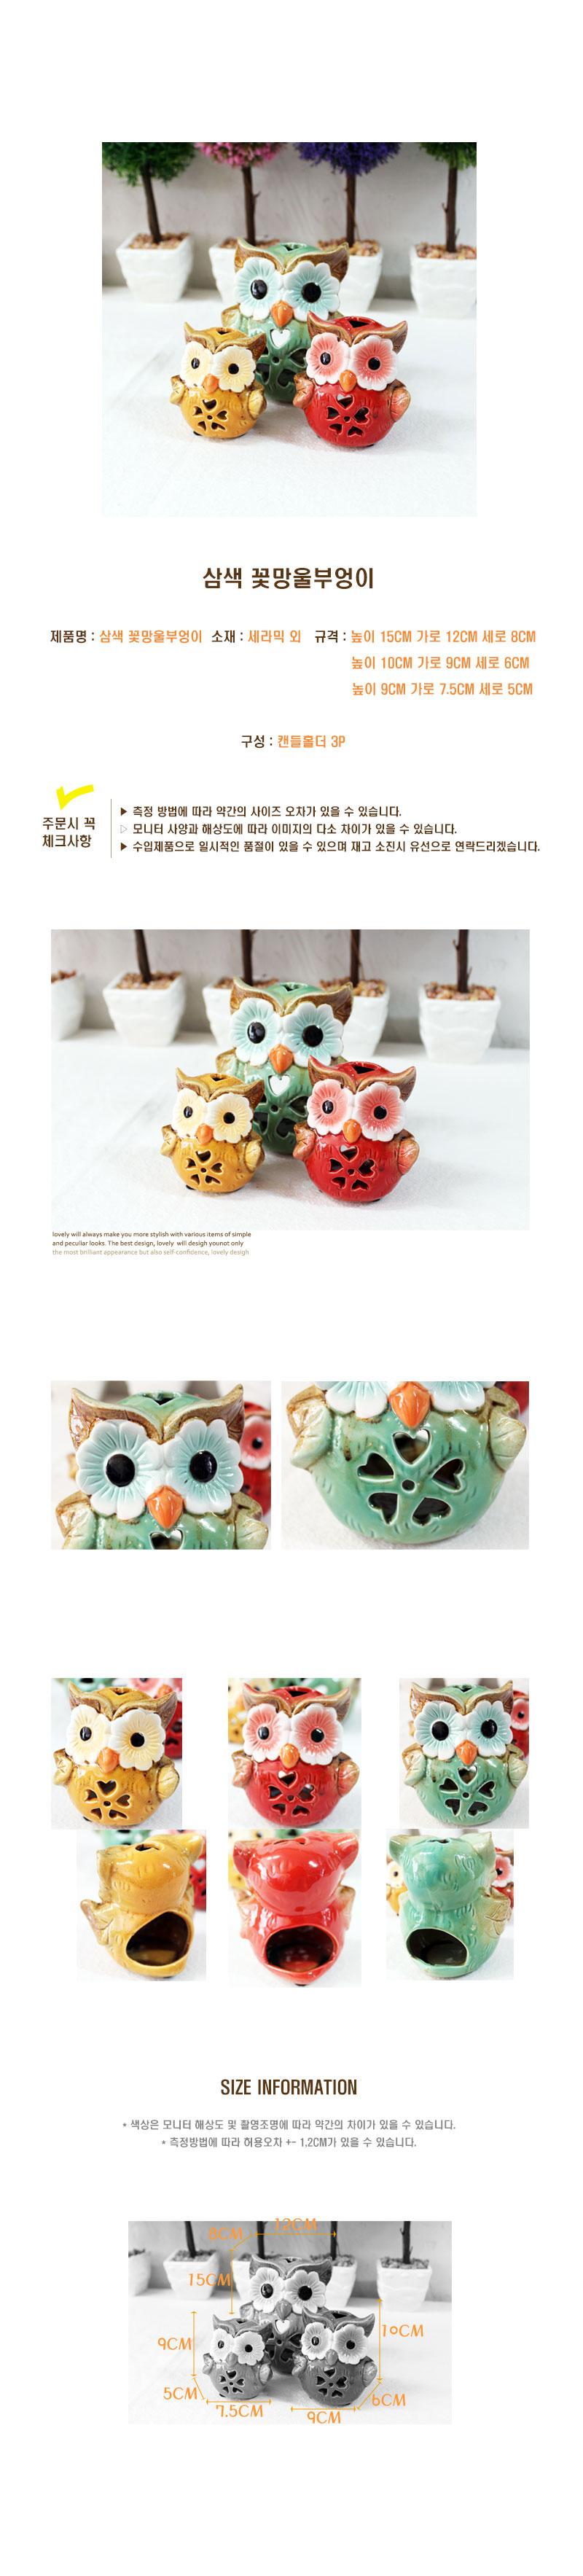 삼색 꽃망울부엉이세트 - 수인아트, 32,000원, 캔들, 캔들홀더/소품